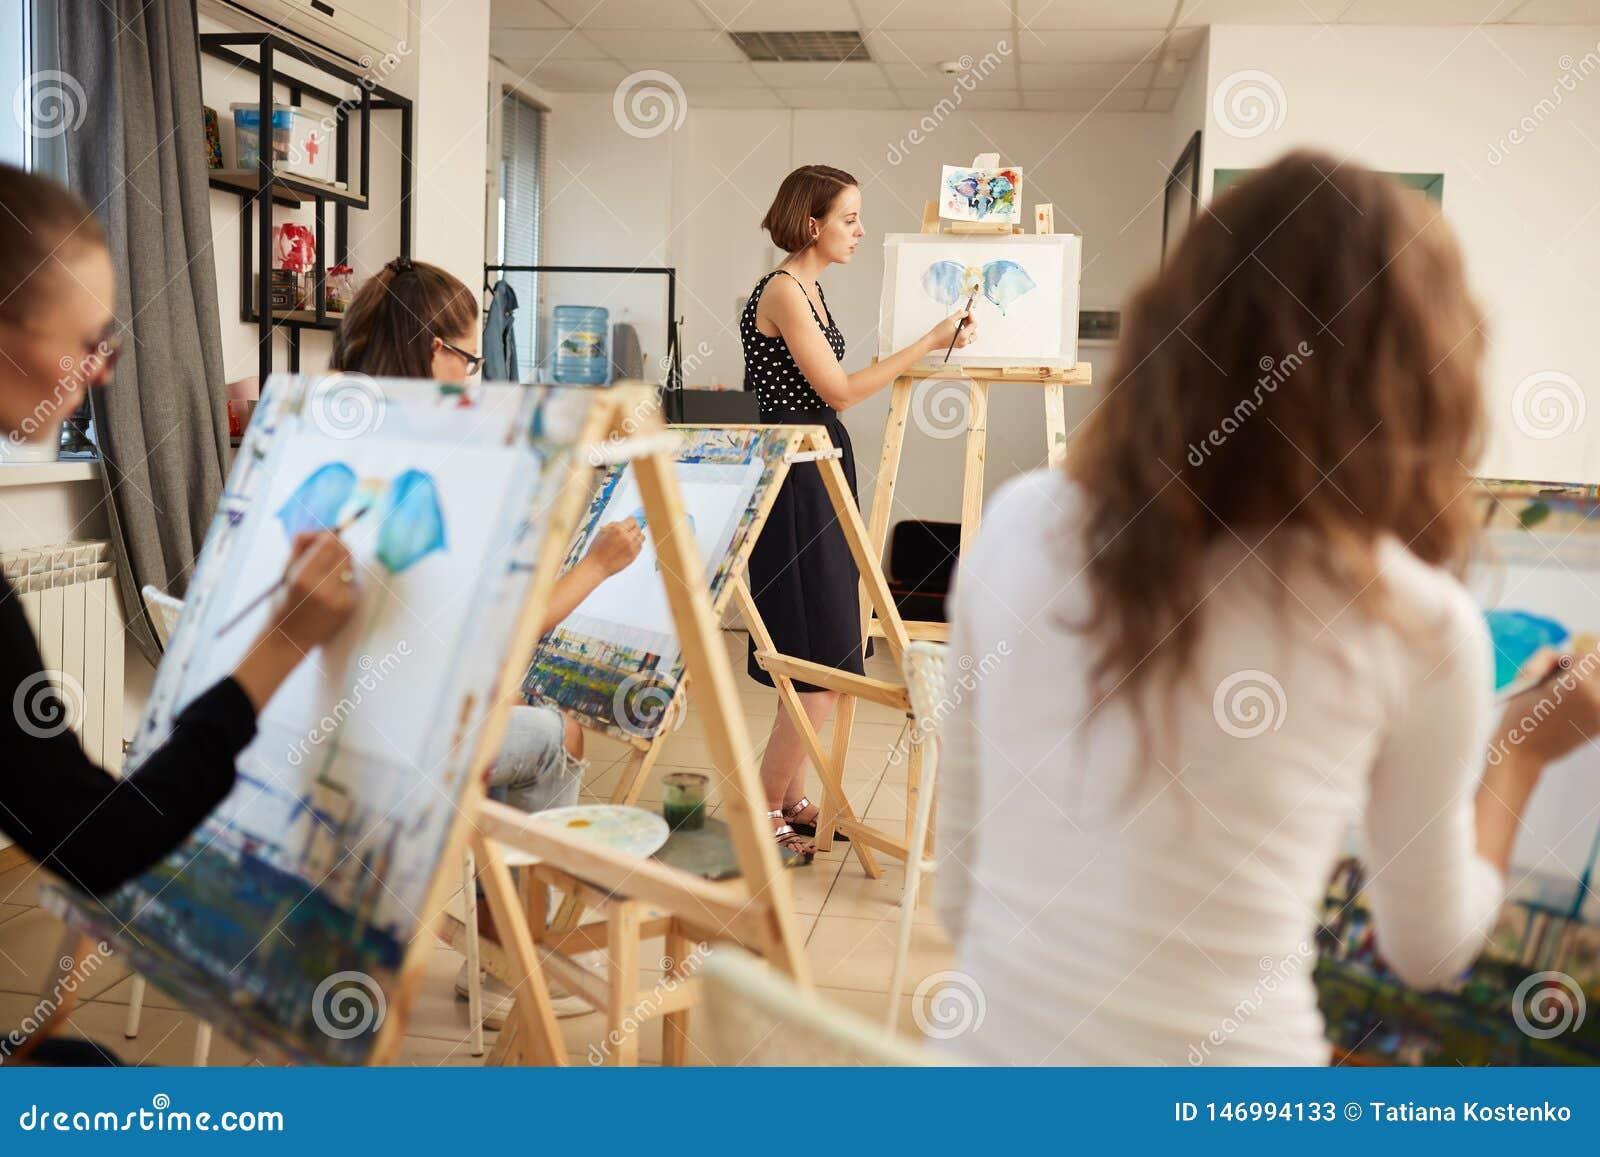 Młode dziewczyny i rysunkowi nauczyciel farby obrazki siedzi przy sztalugami w sztuki studiu